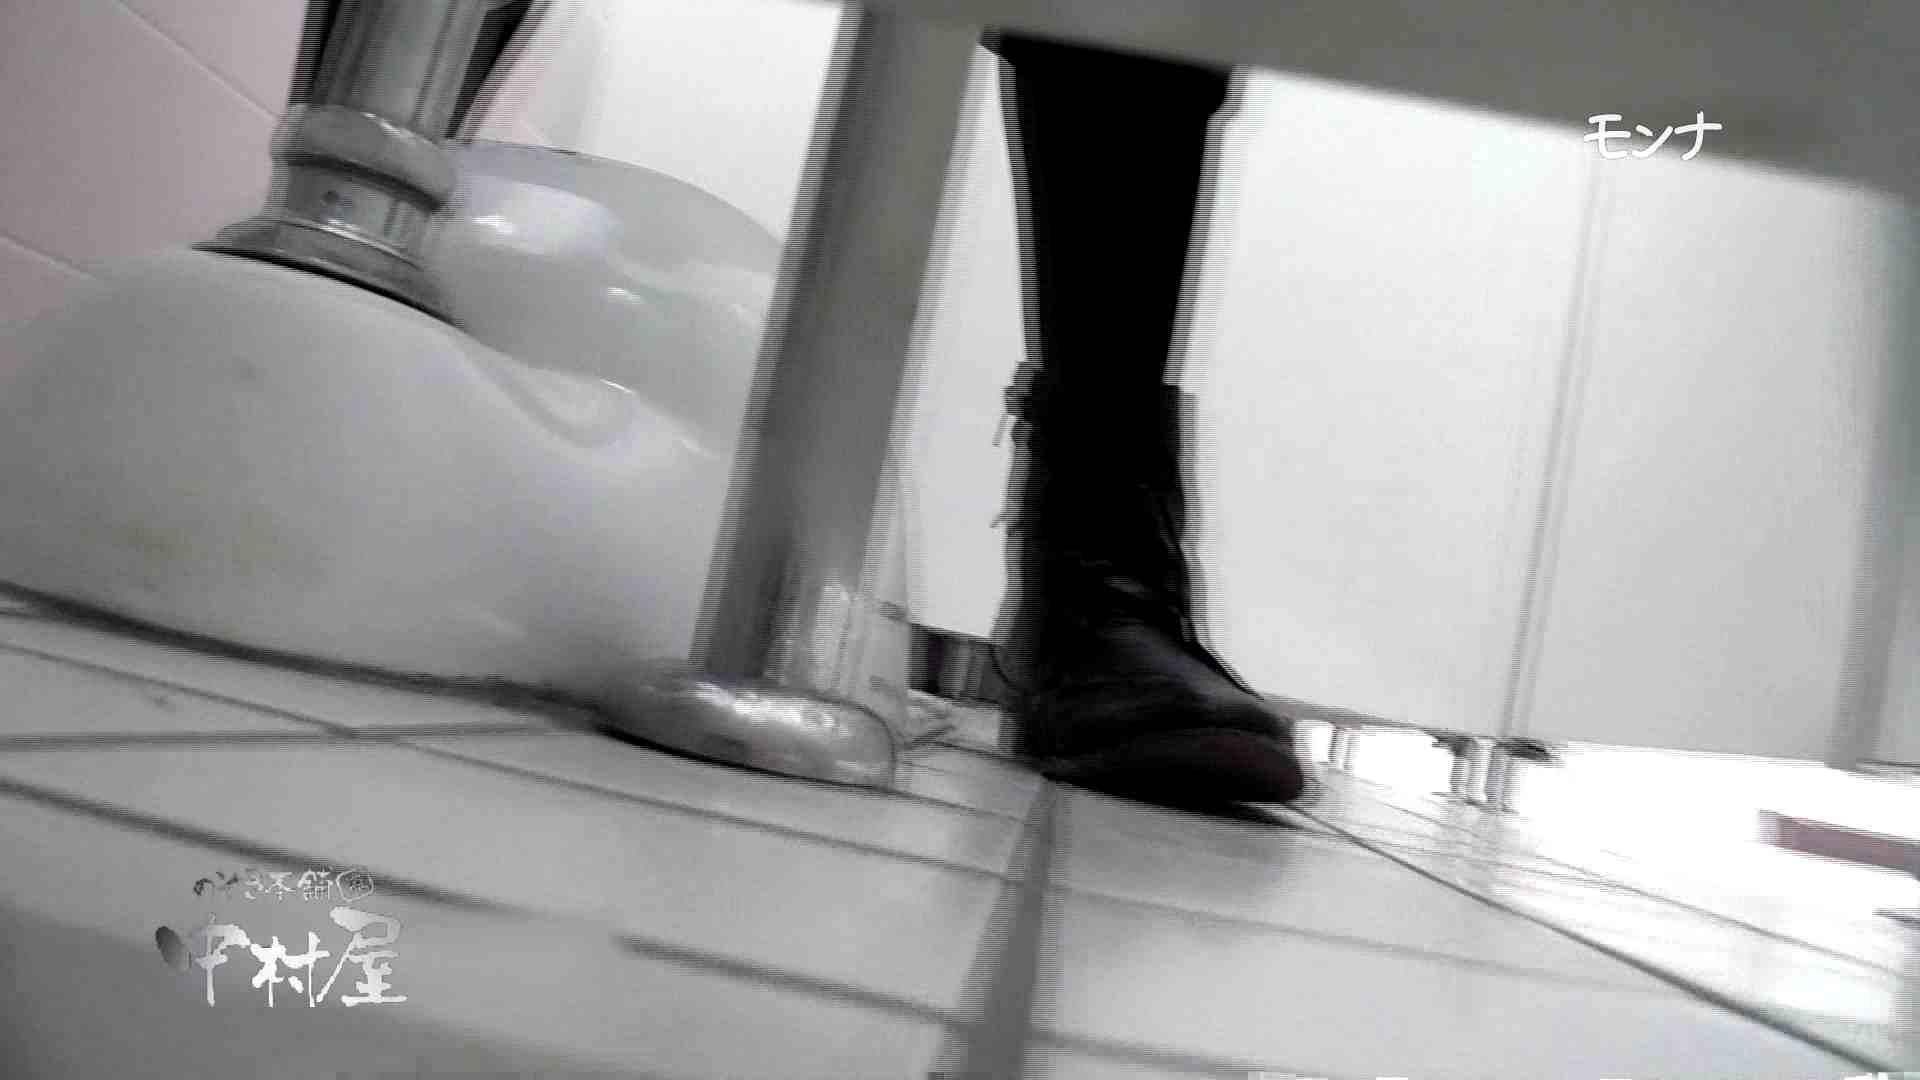 【美しい日本の未来】新学期!!下半身中心に攻めてます美女可愛い女子悪戯盗satuトイレ後編 悪戯 戯れ無修正画像 100PIX 39